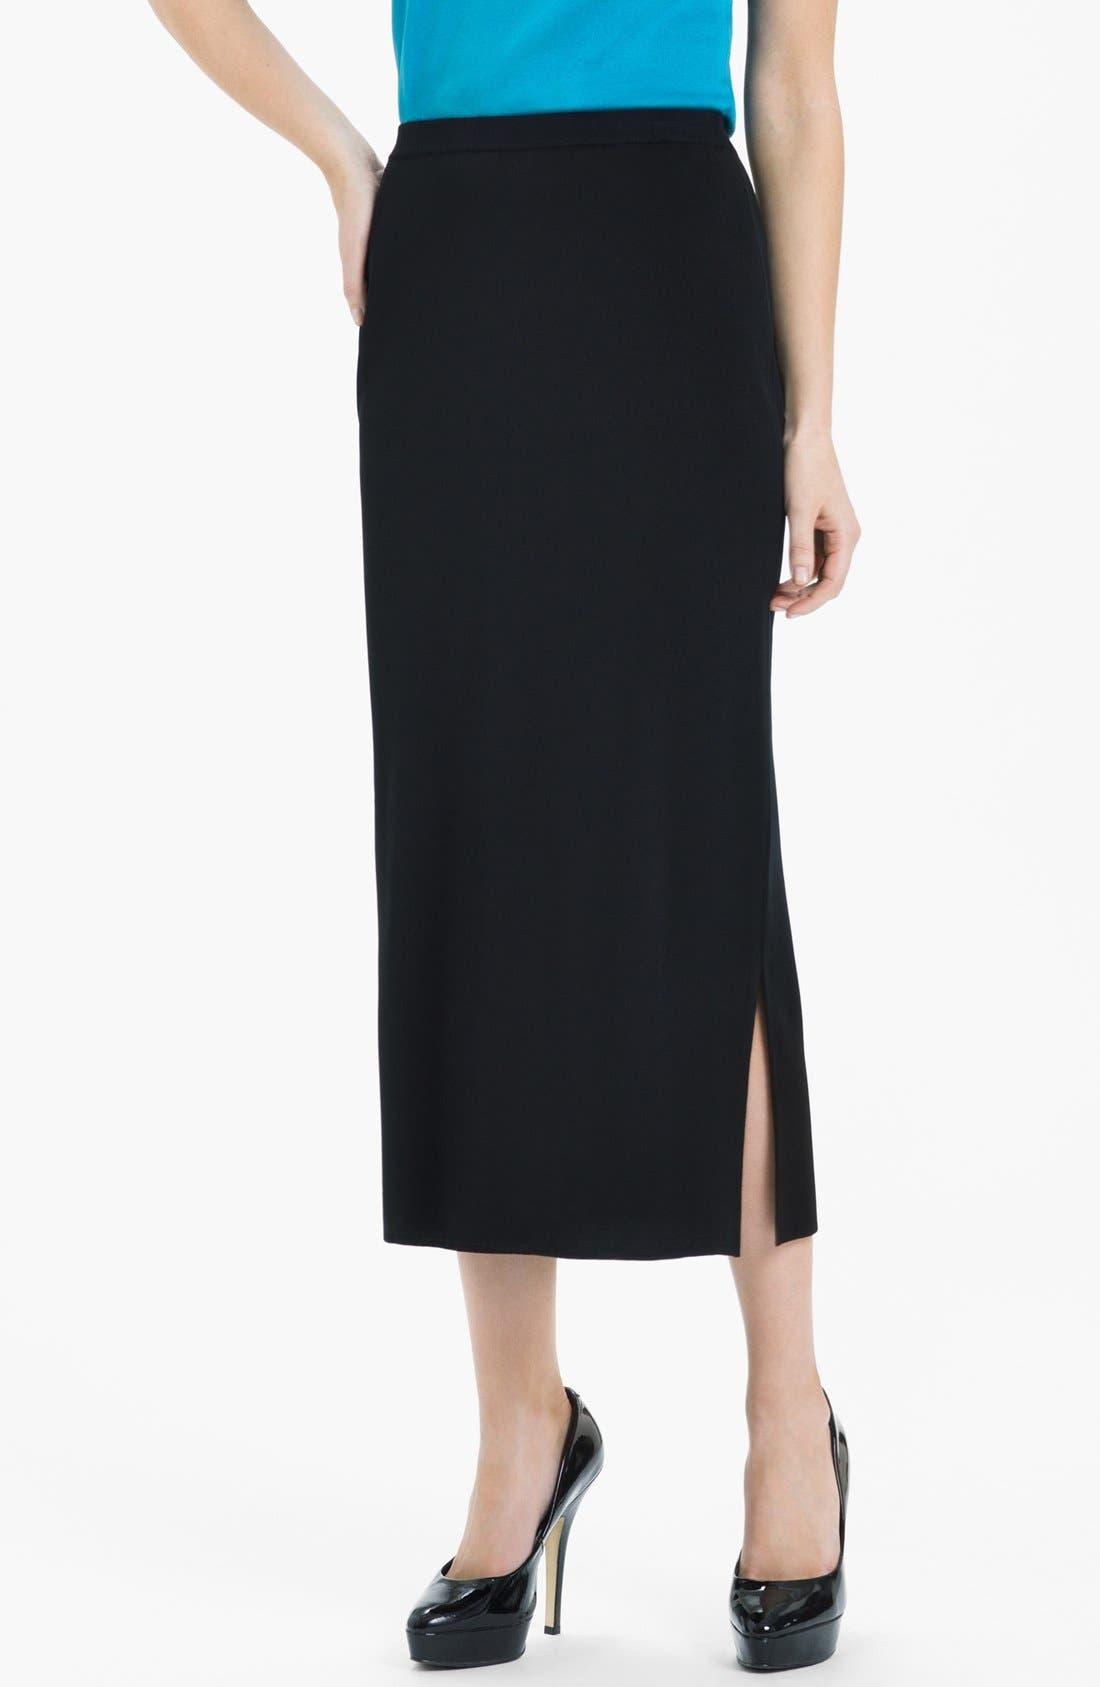 Alternate Image 1 Selected - Ming Wang Side Slit Knit Midi Skirt